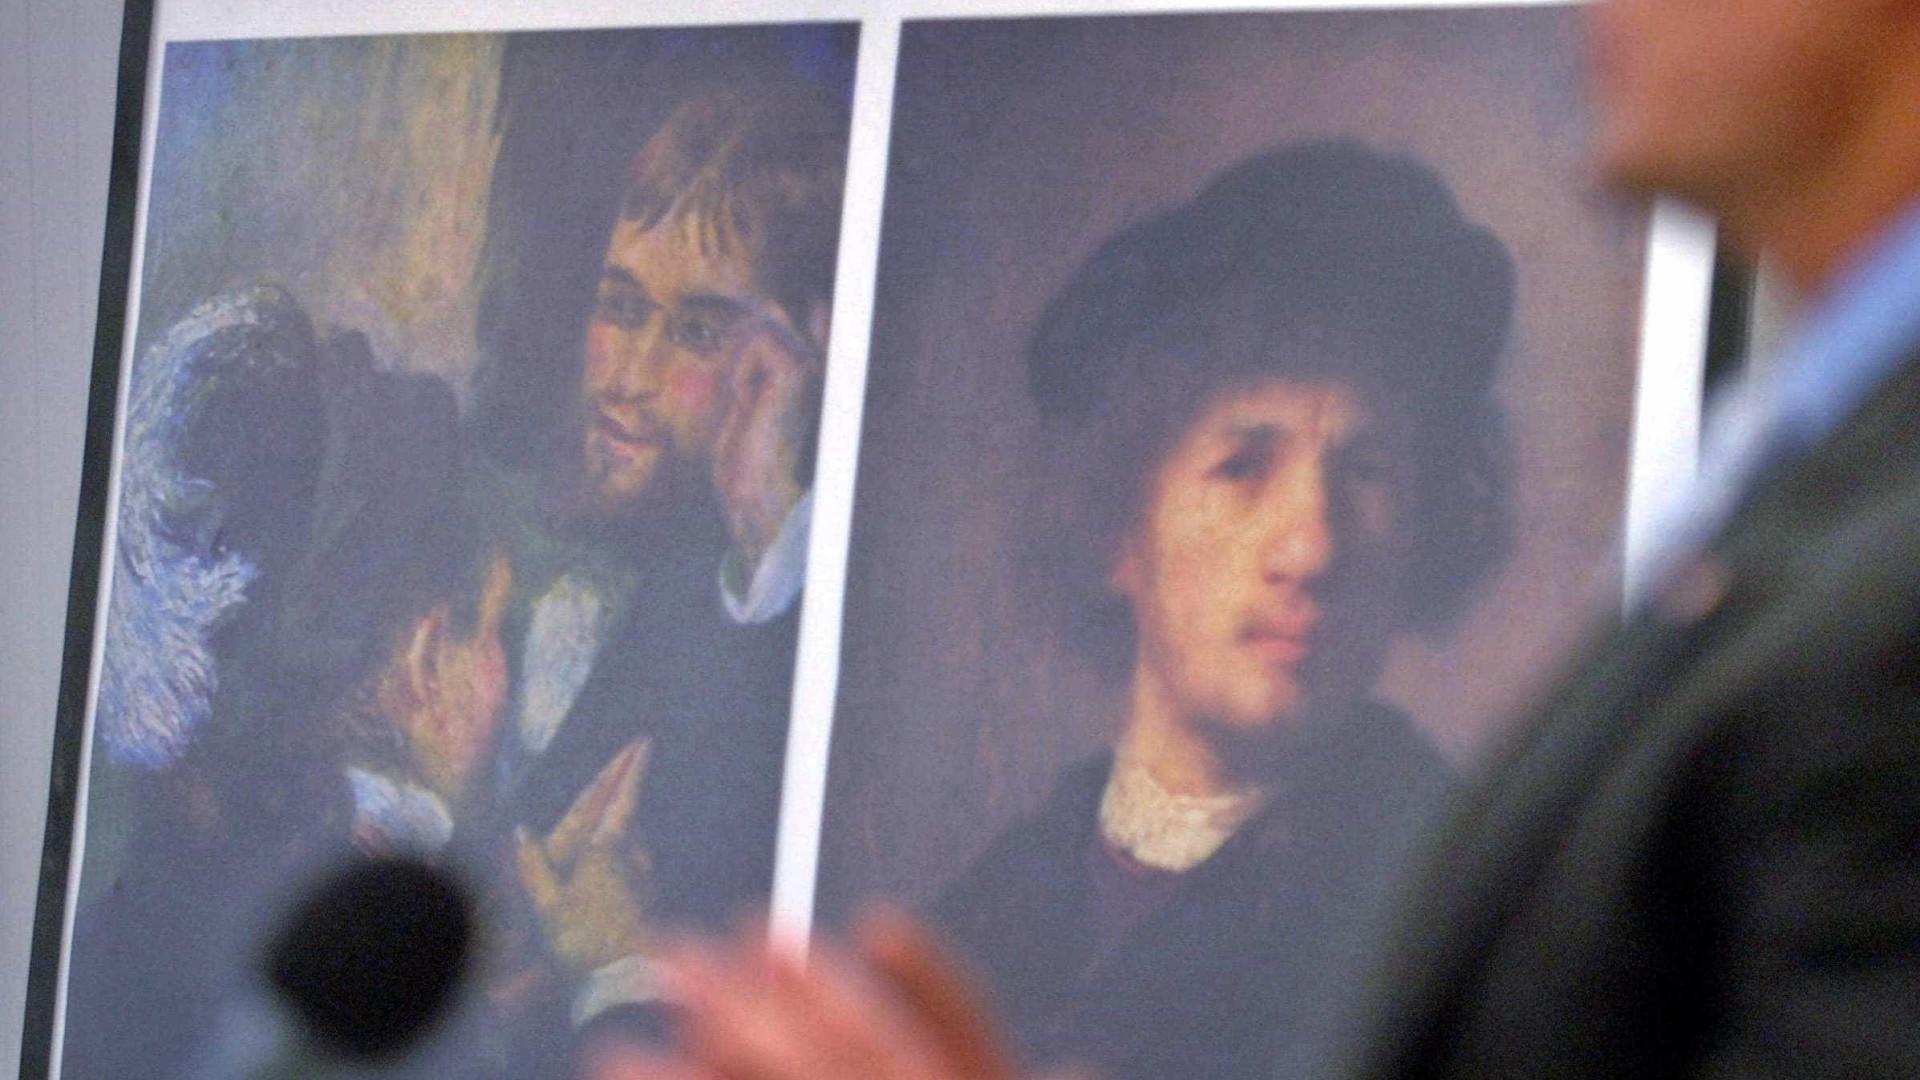 Ladrões furtam 'Renoir' e 'Rembrandt'  de 27 milhões de euros